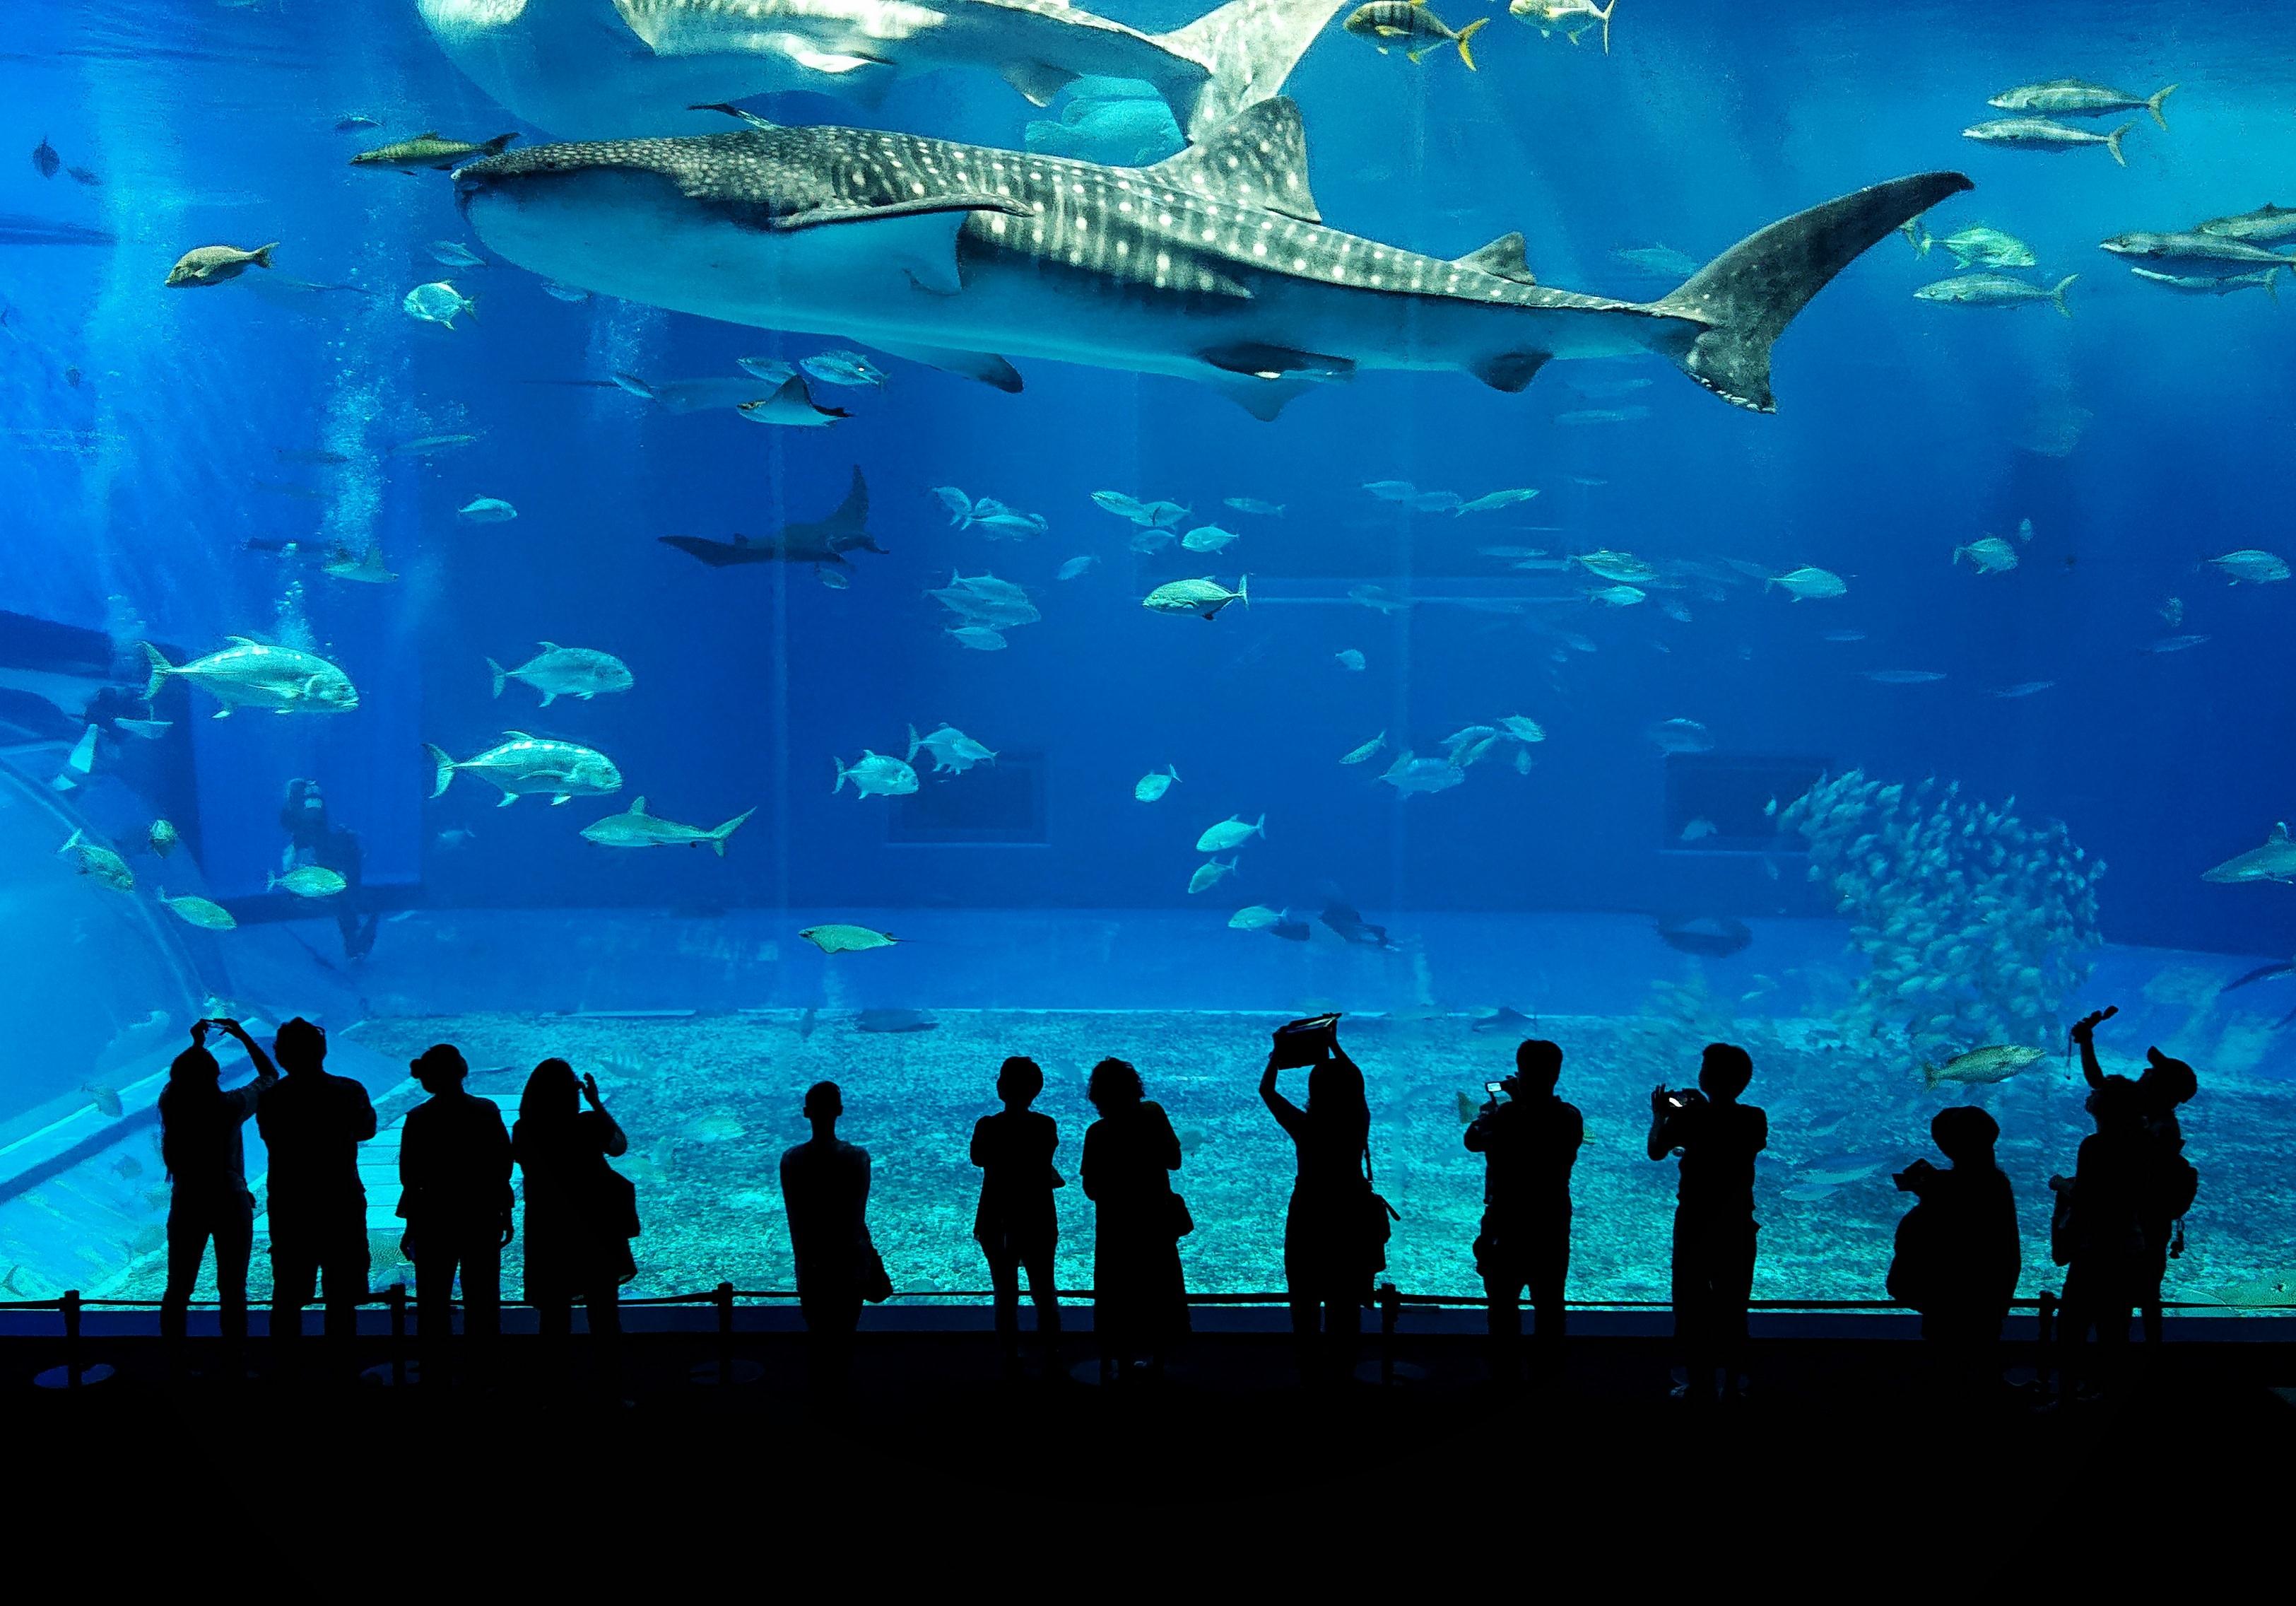 大きな水槽の中を泳ぐジンベエザメの写真